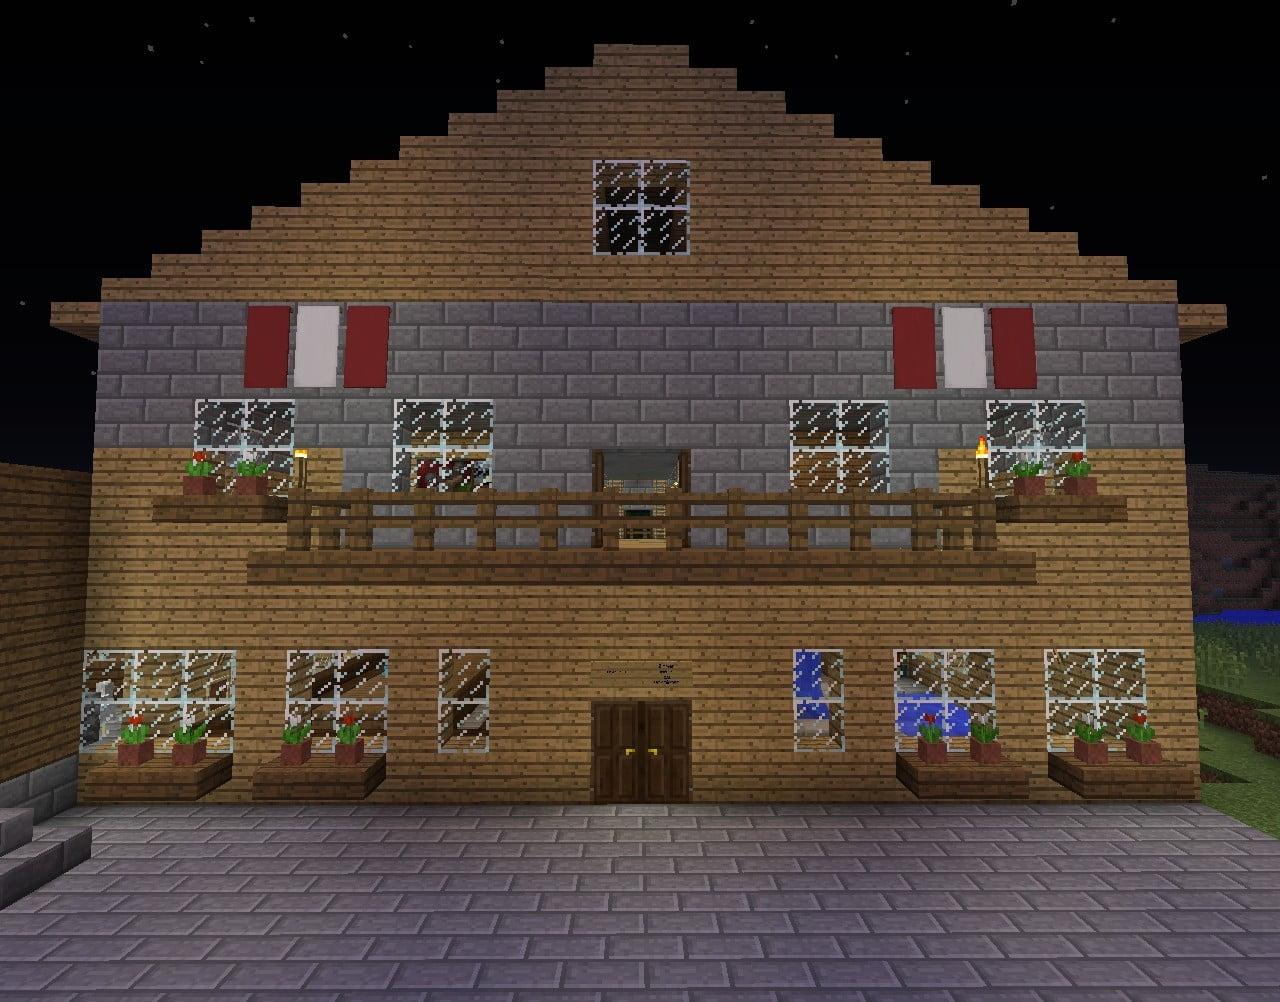 sterreichisches bauernhaus in minecraft bauen minecraft. Black Bedroom Furniture Sets. Home Design Ideas